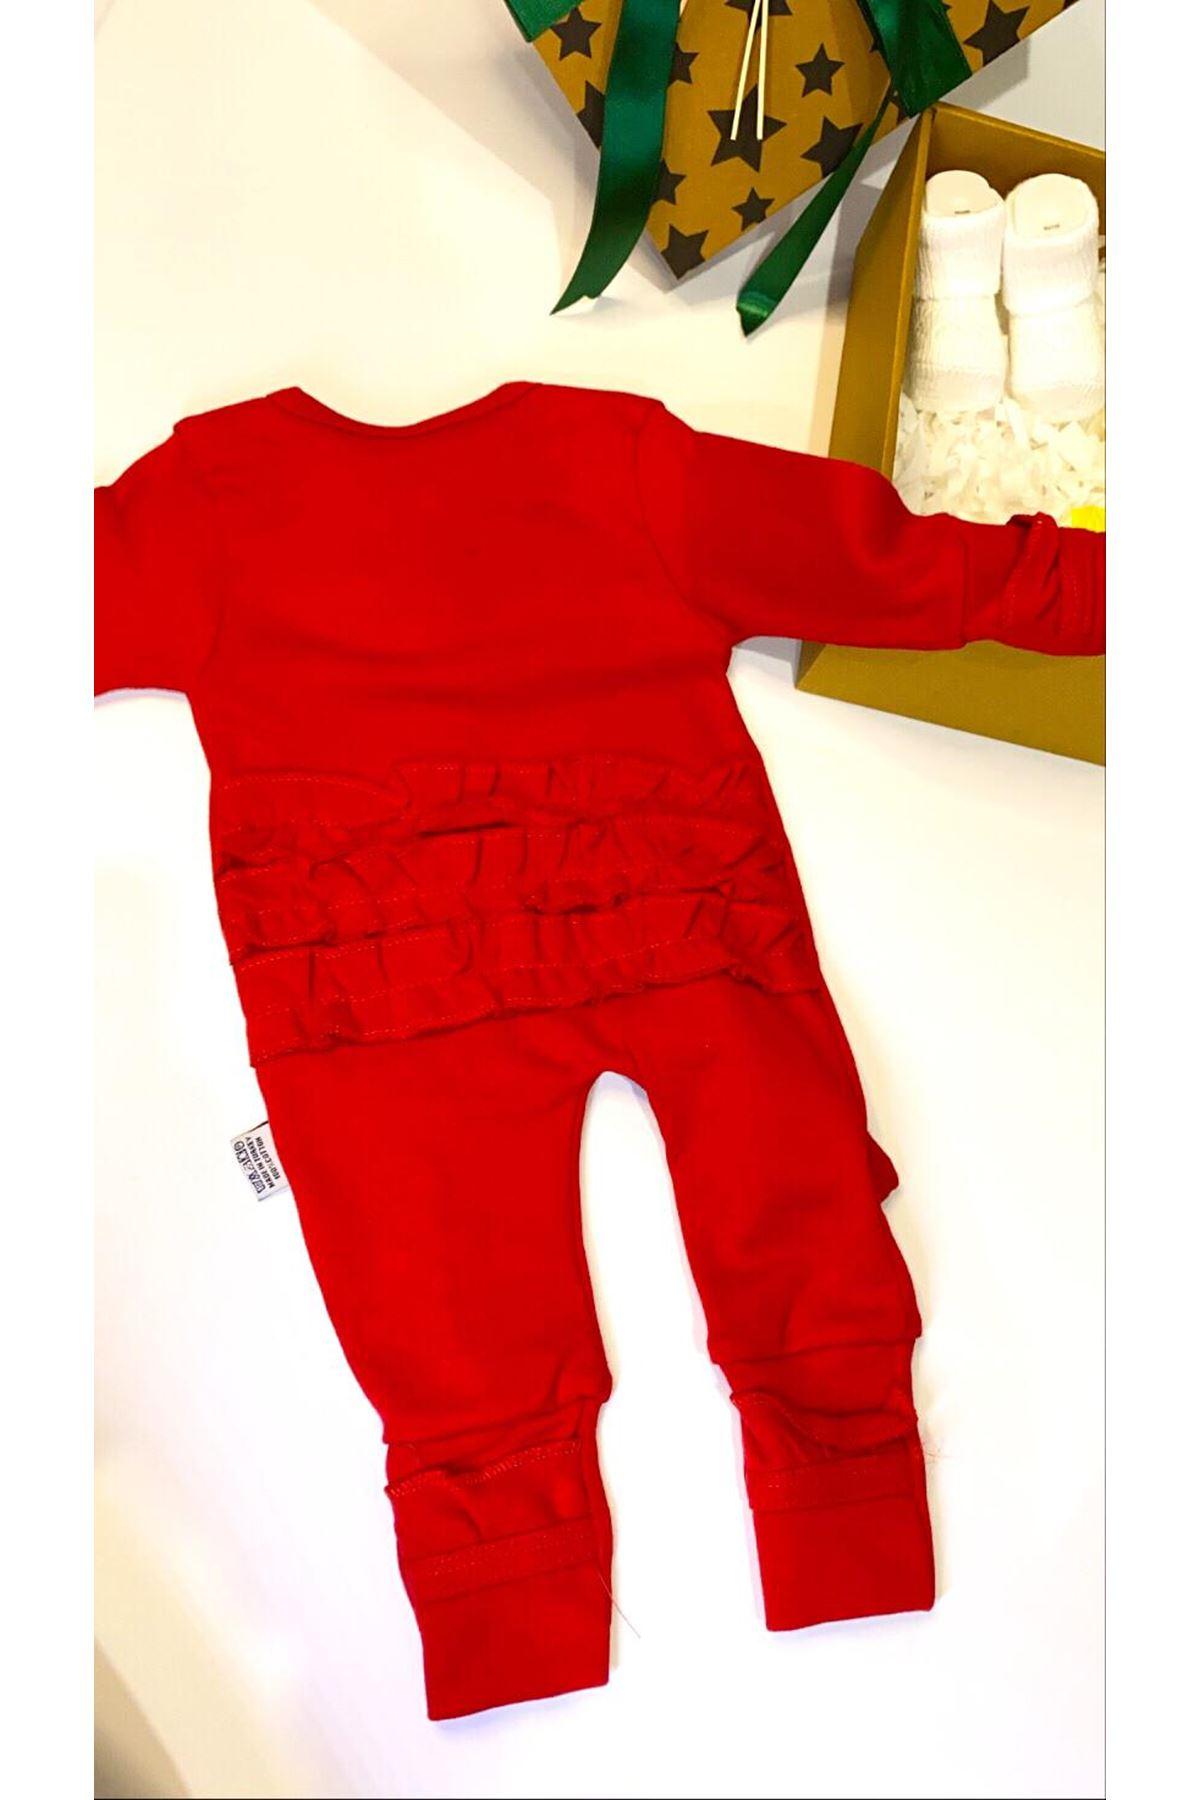 Dalinli ve Fırfırlı Bandanalı Bebek Tulumu Hediye Kutusu